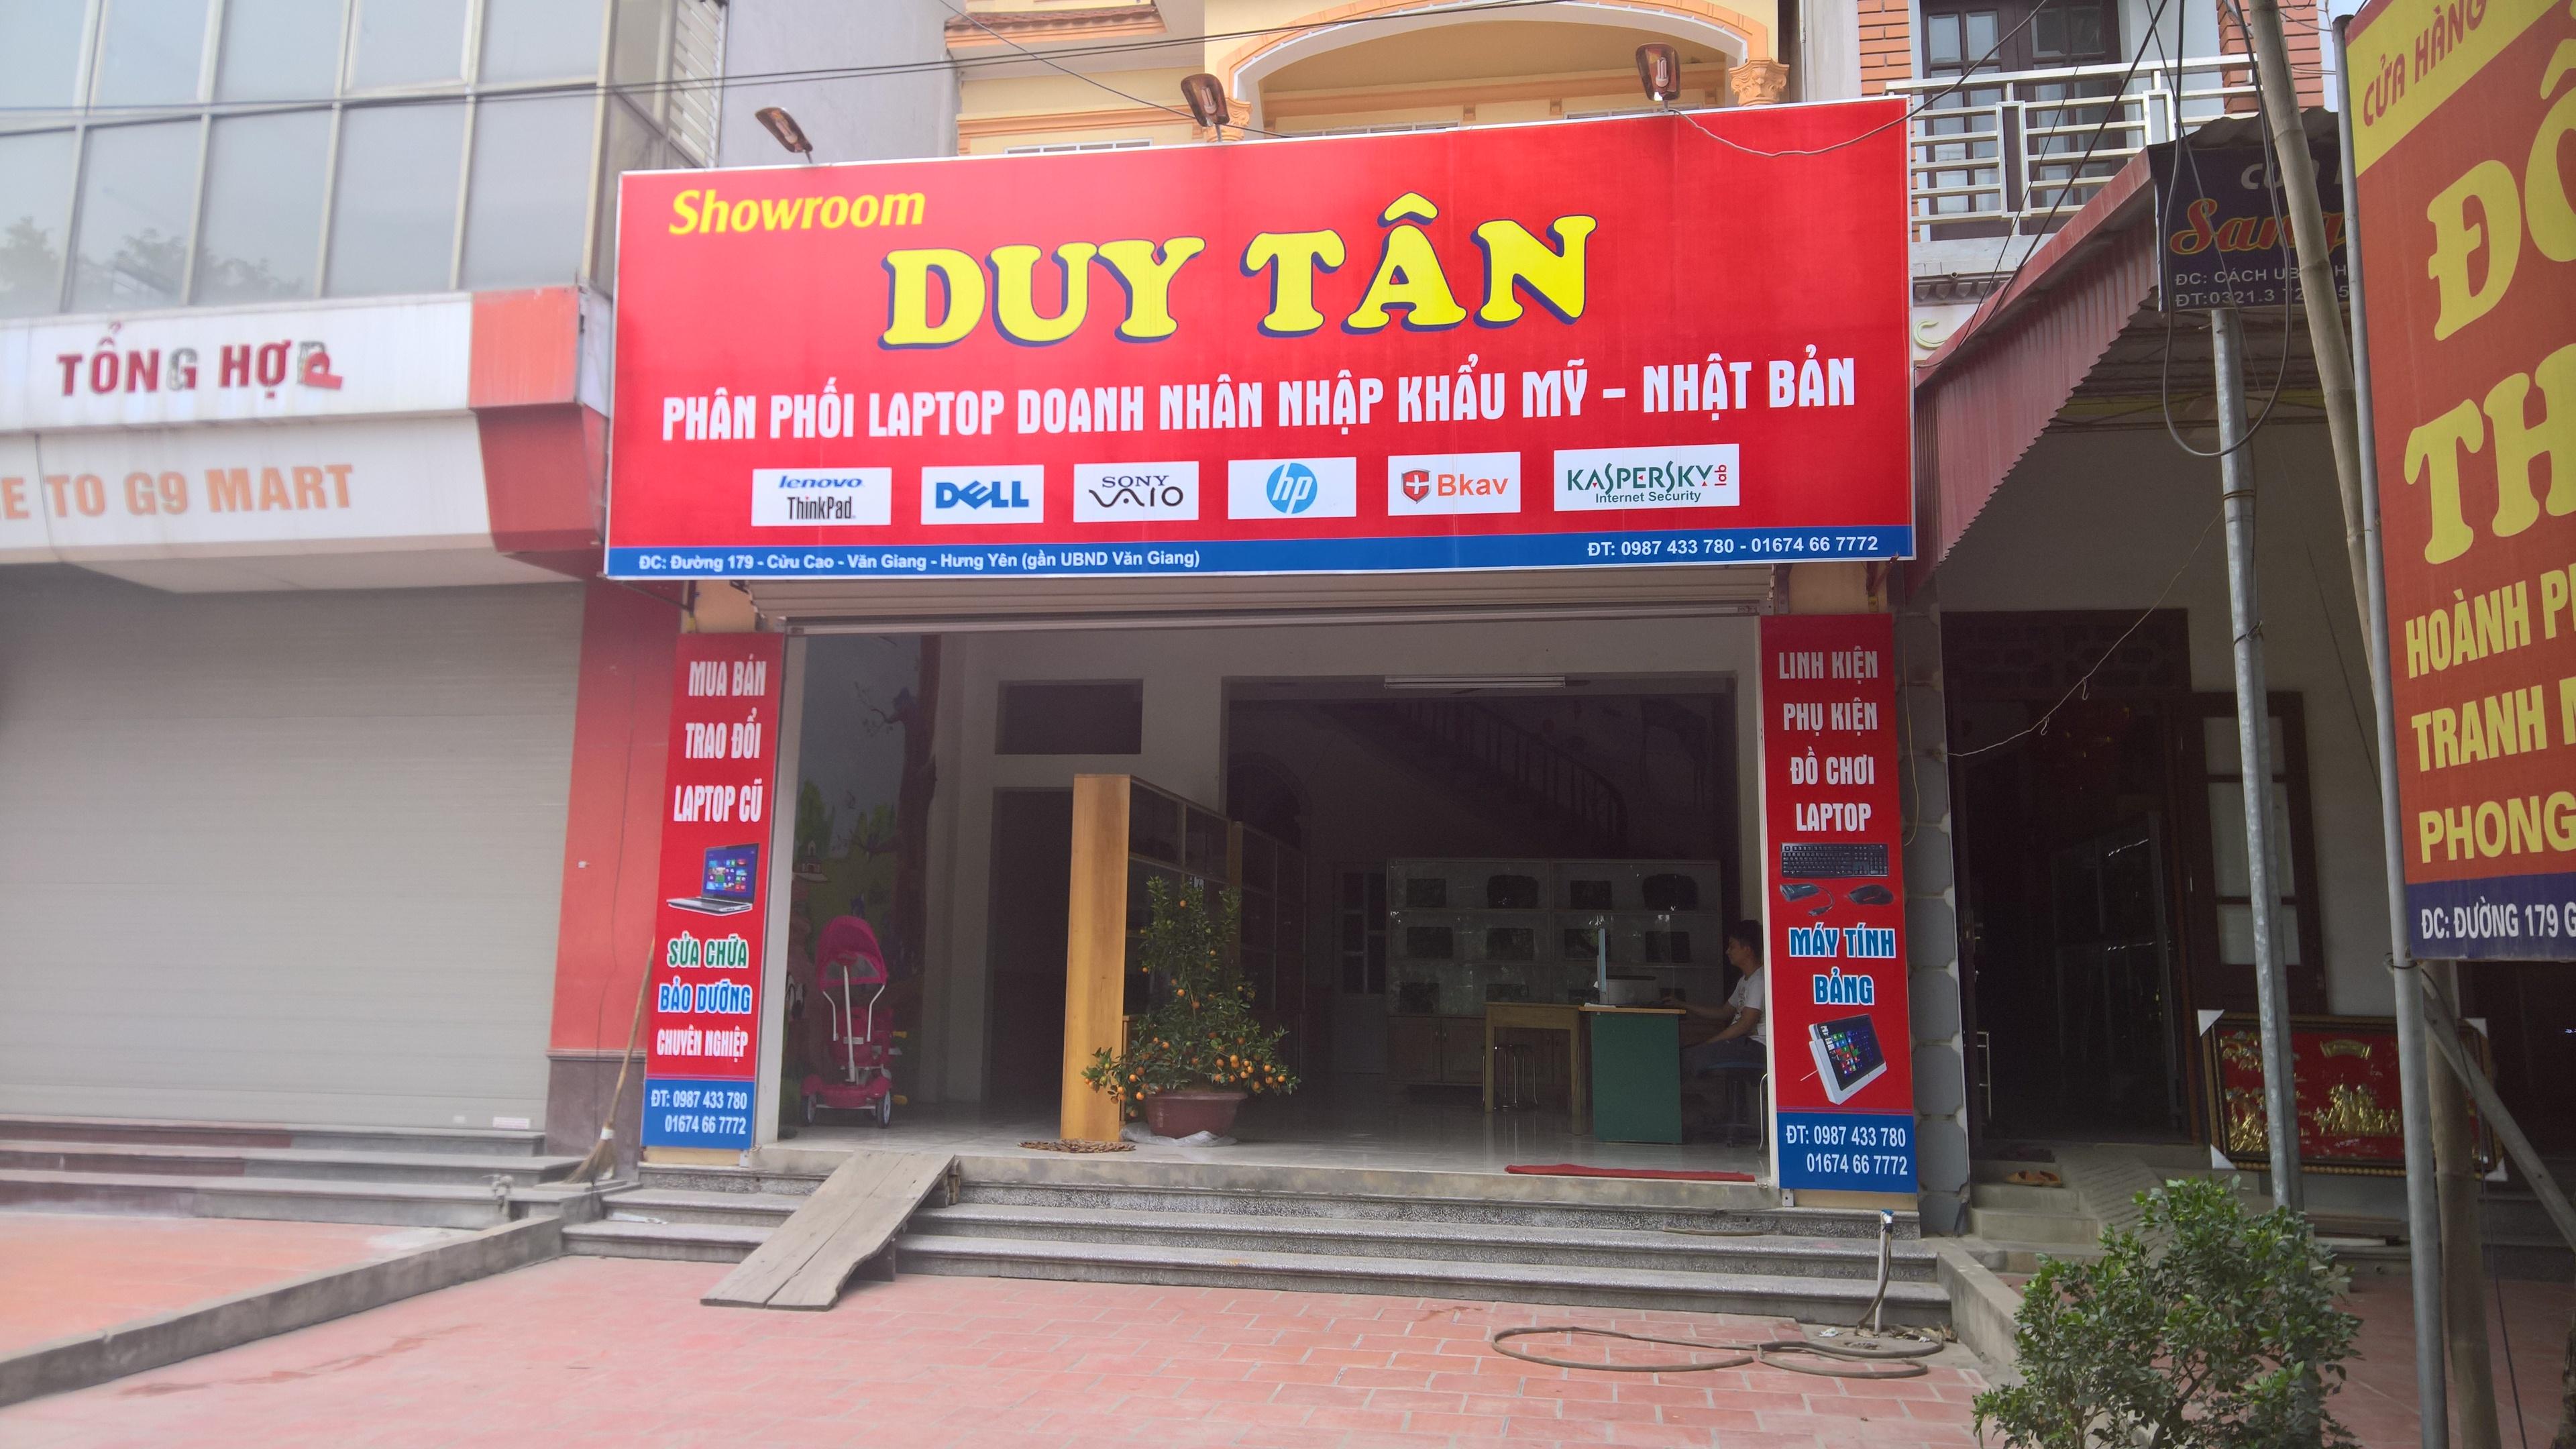 File Duy T U00e2n V U0103n Giang 2018 Jpg Wikimedia Commons